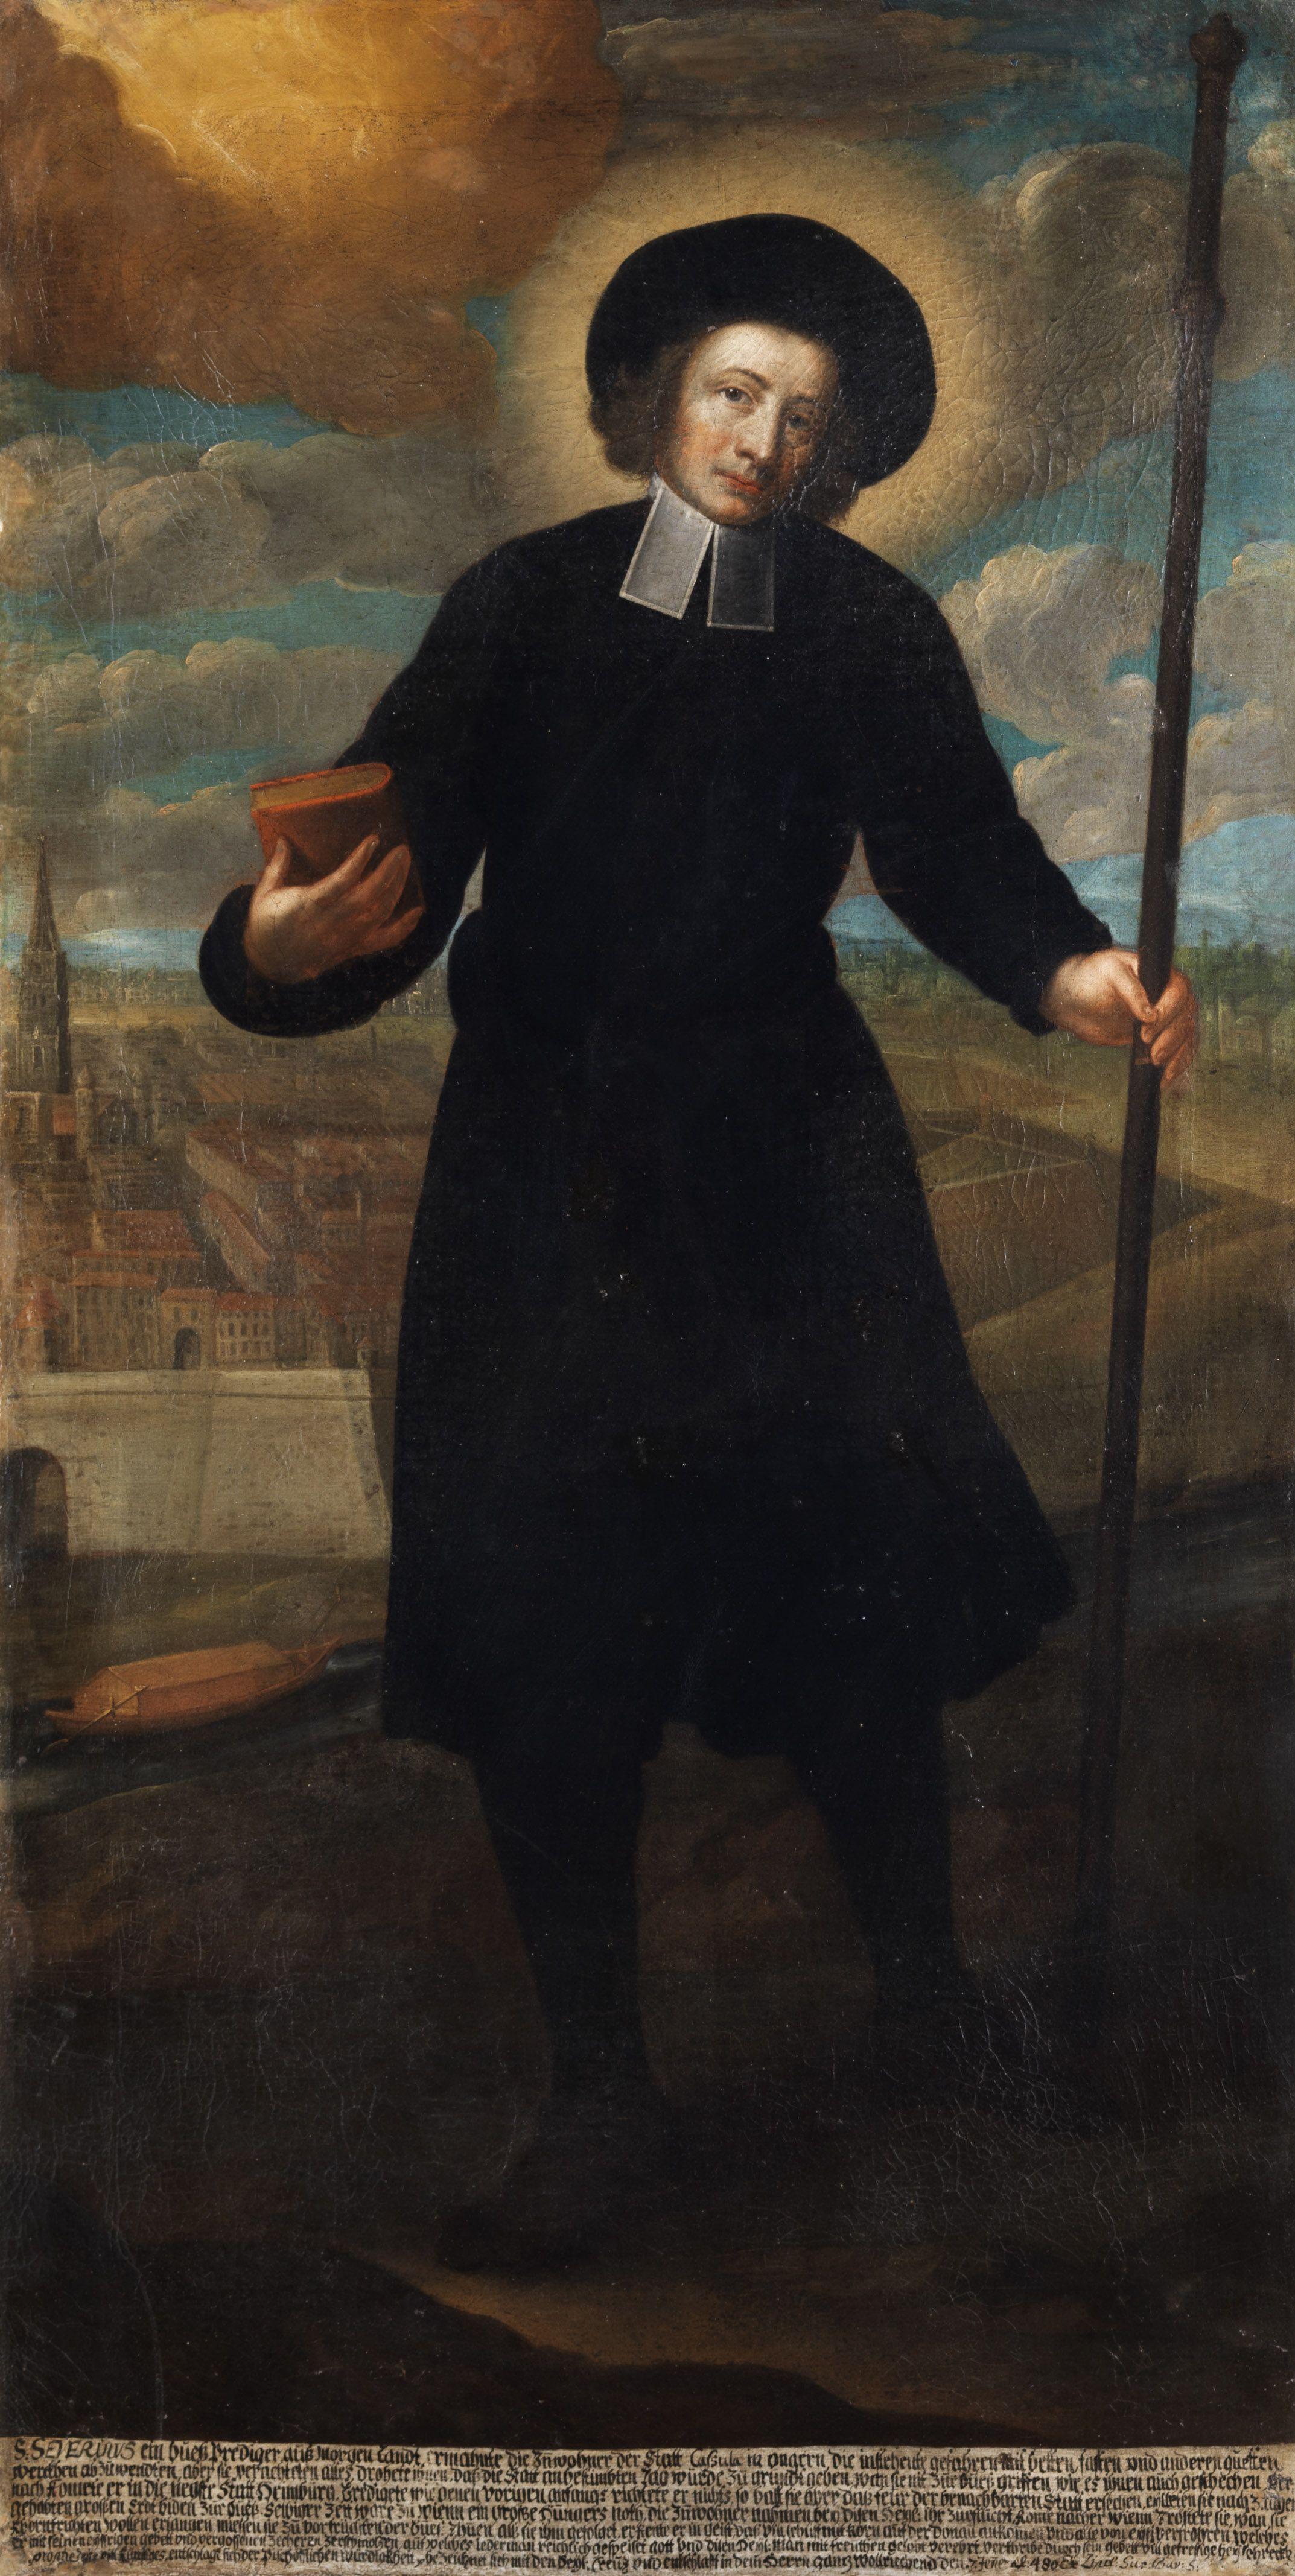 S. Severius, ein Bußprediger aus Morgenland, Süddeutschland, 18. Jahrhundert